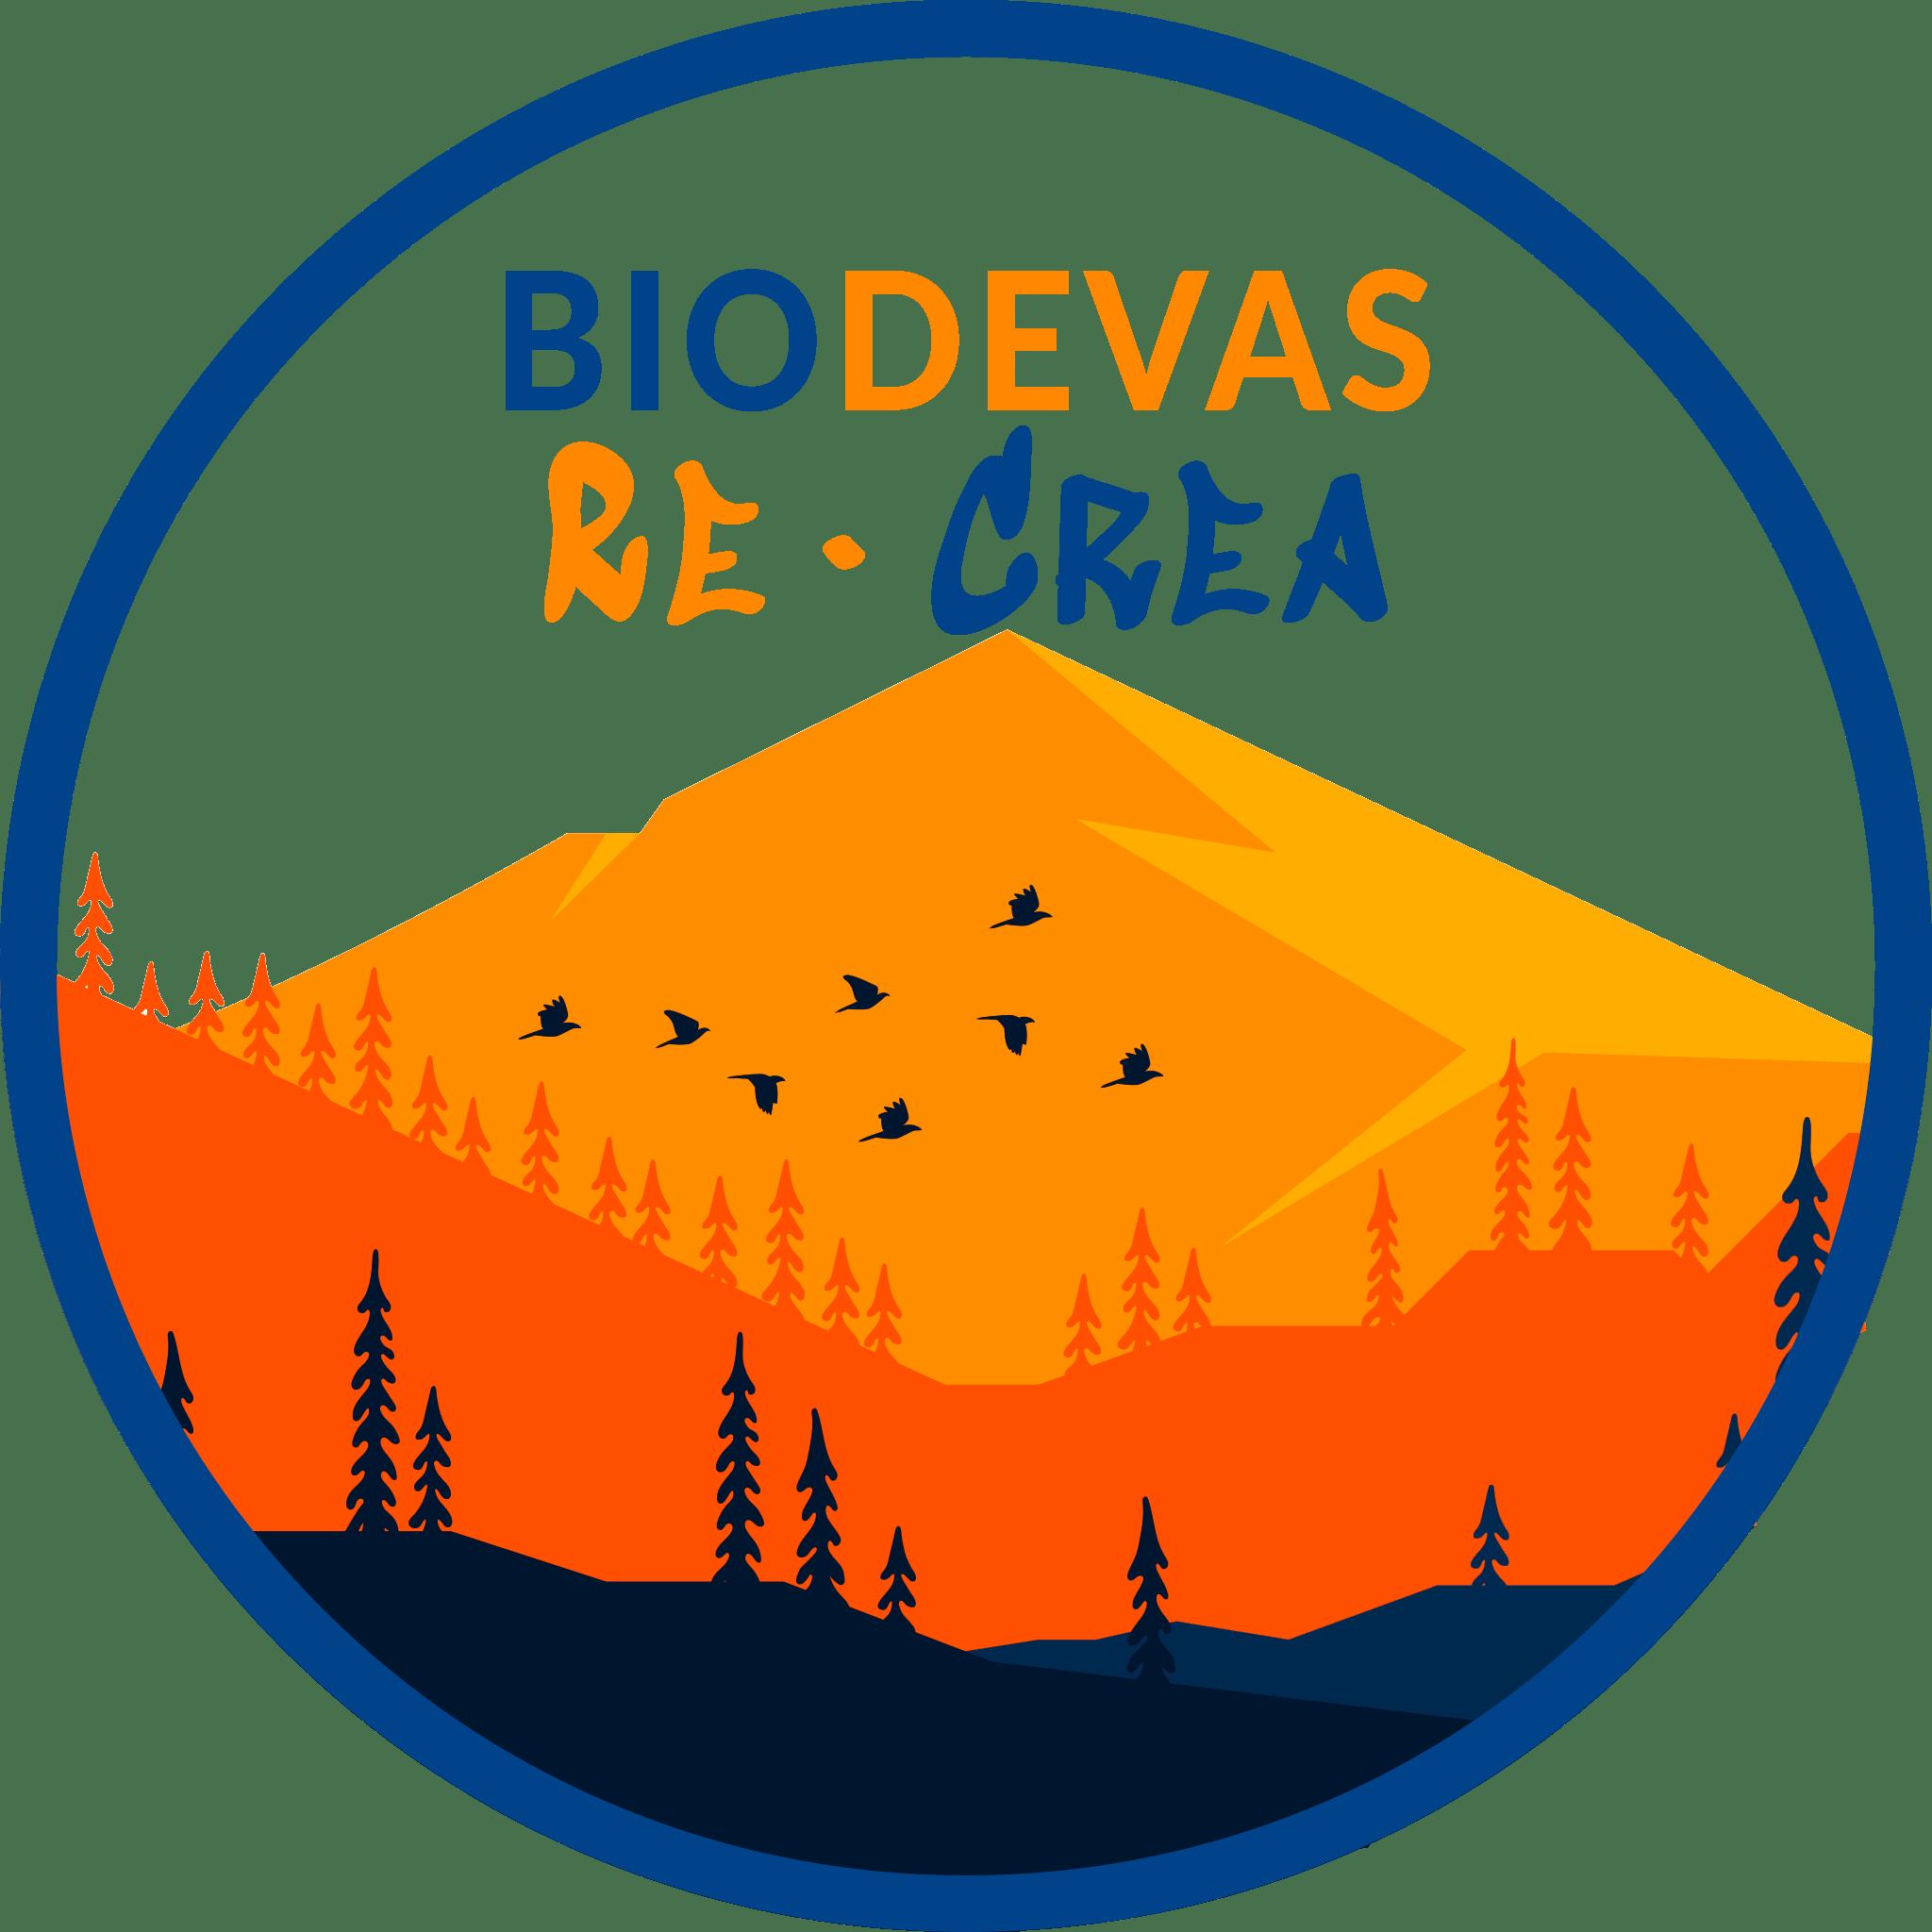 LogoBiodevas2021 circulo azul recrea 1